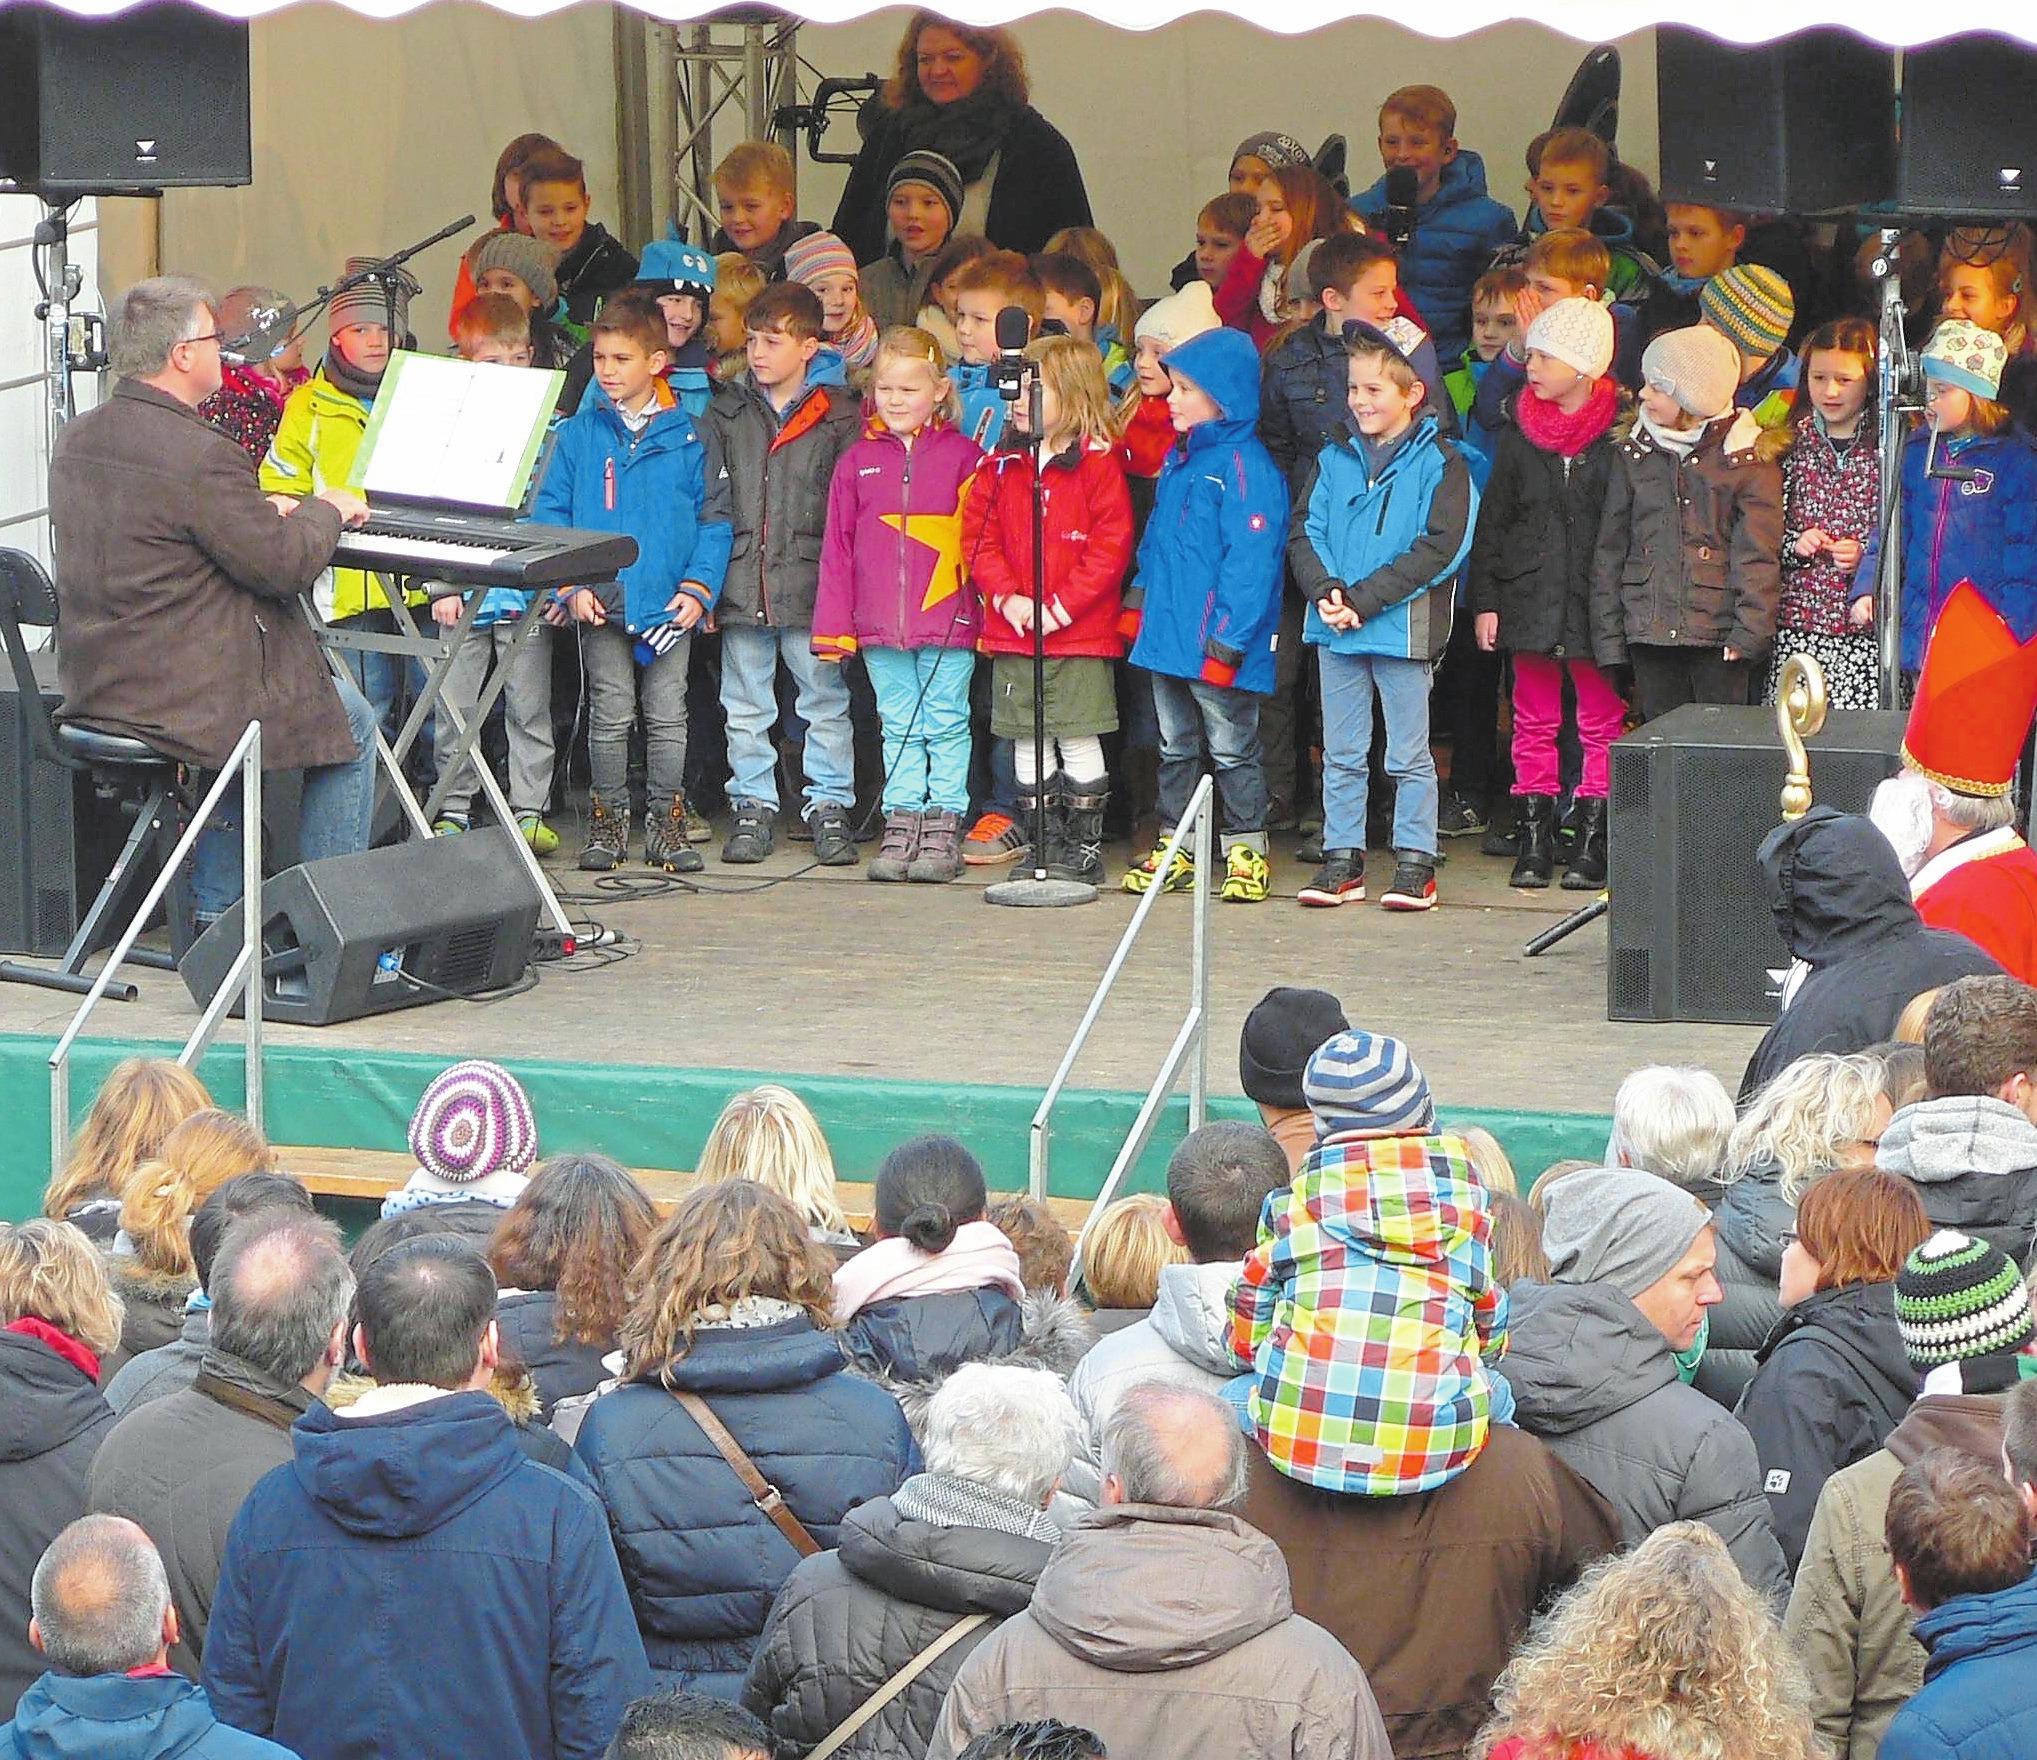 Auf der Bühne gibt es die passende musikalische Untermalung zum Markt.Foto: Weihnachtsmarkt Nordwalde